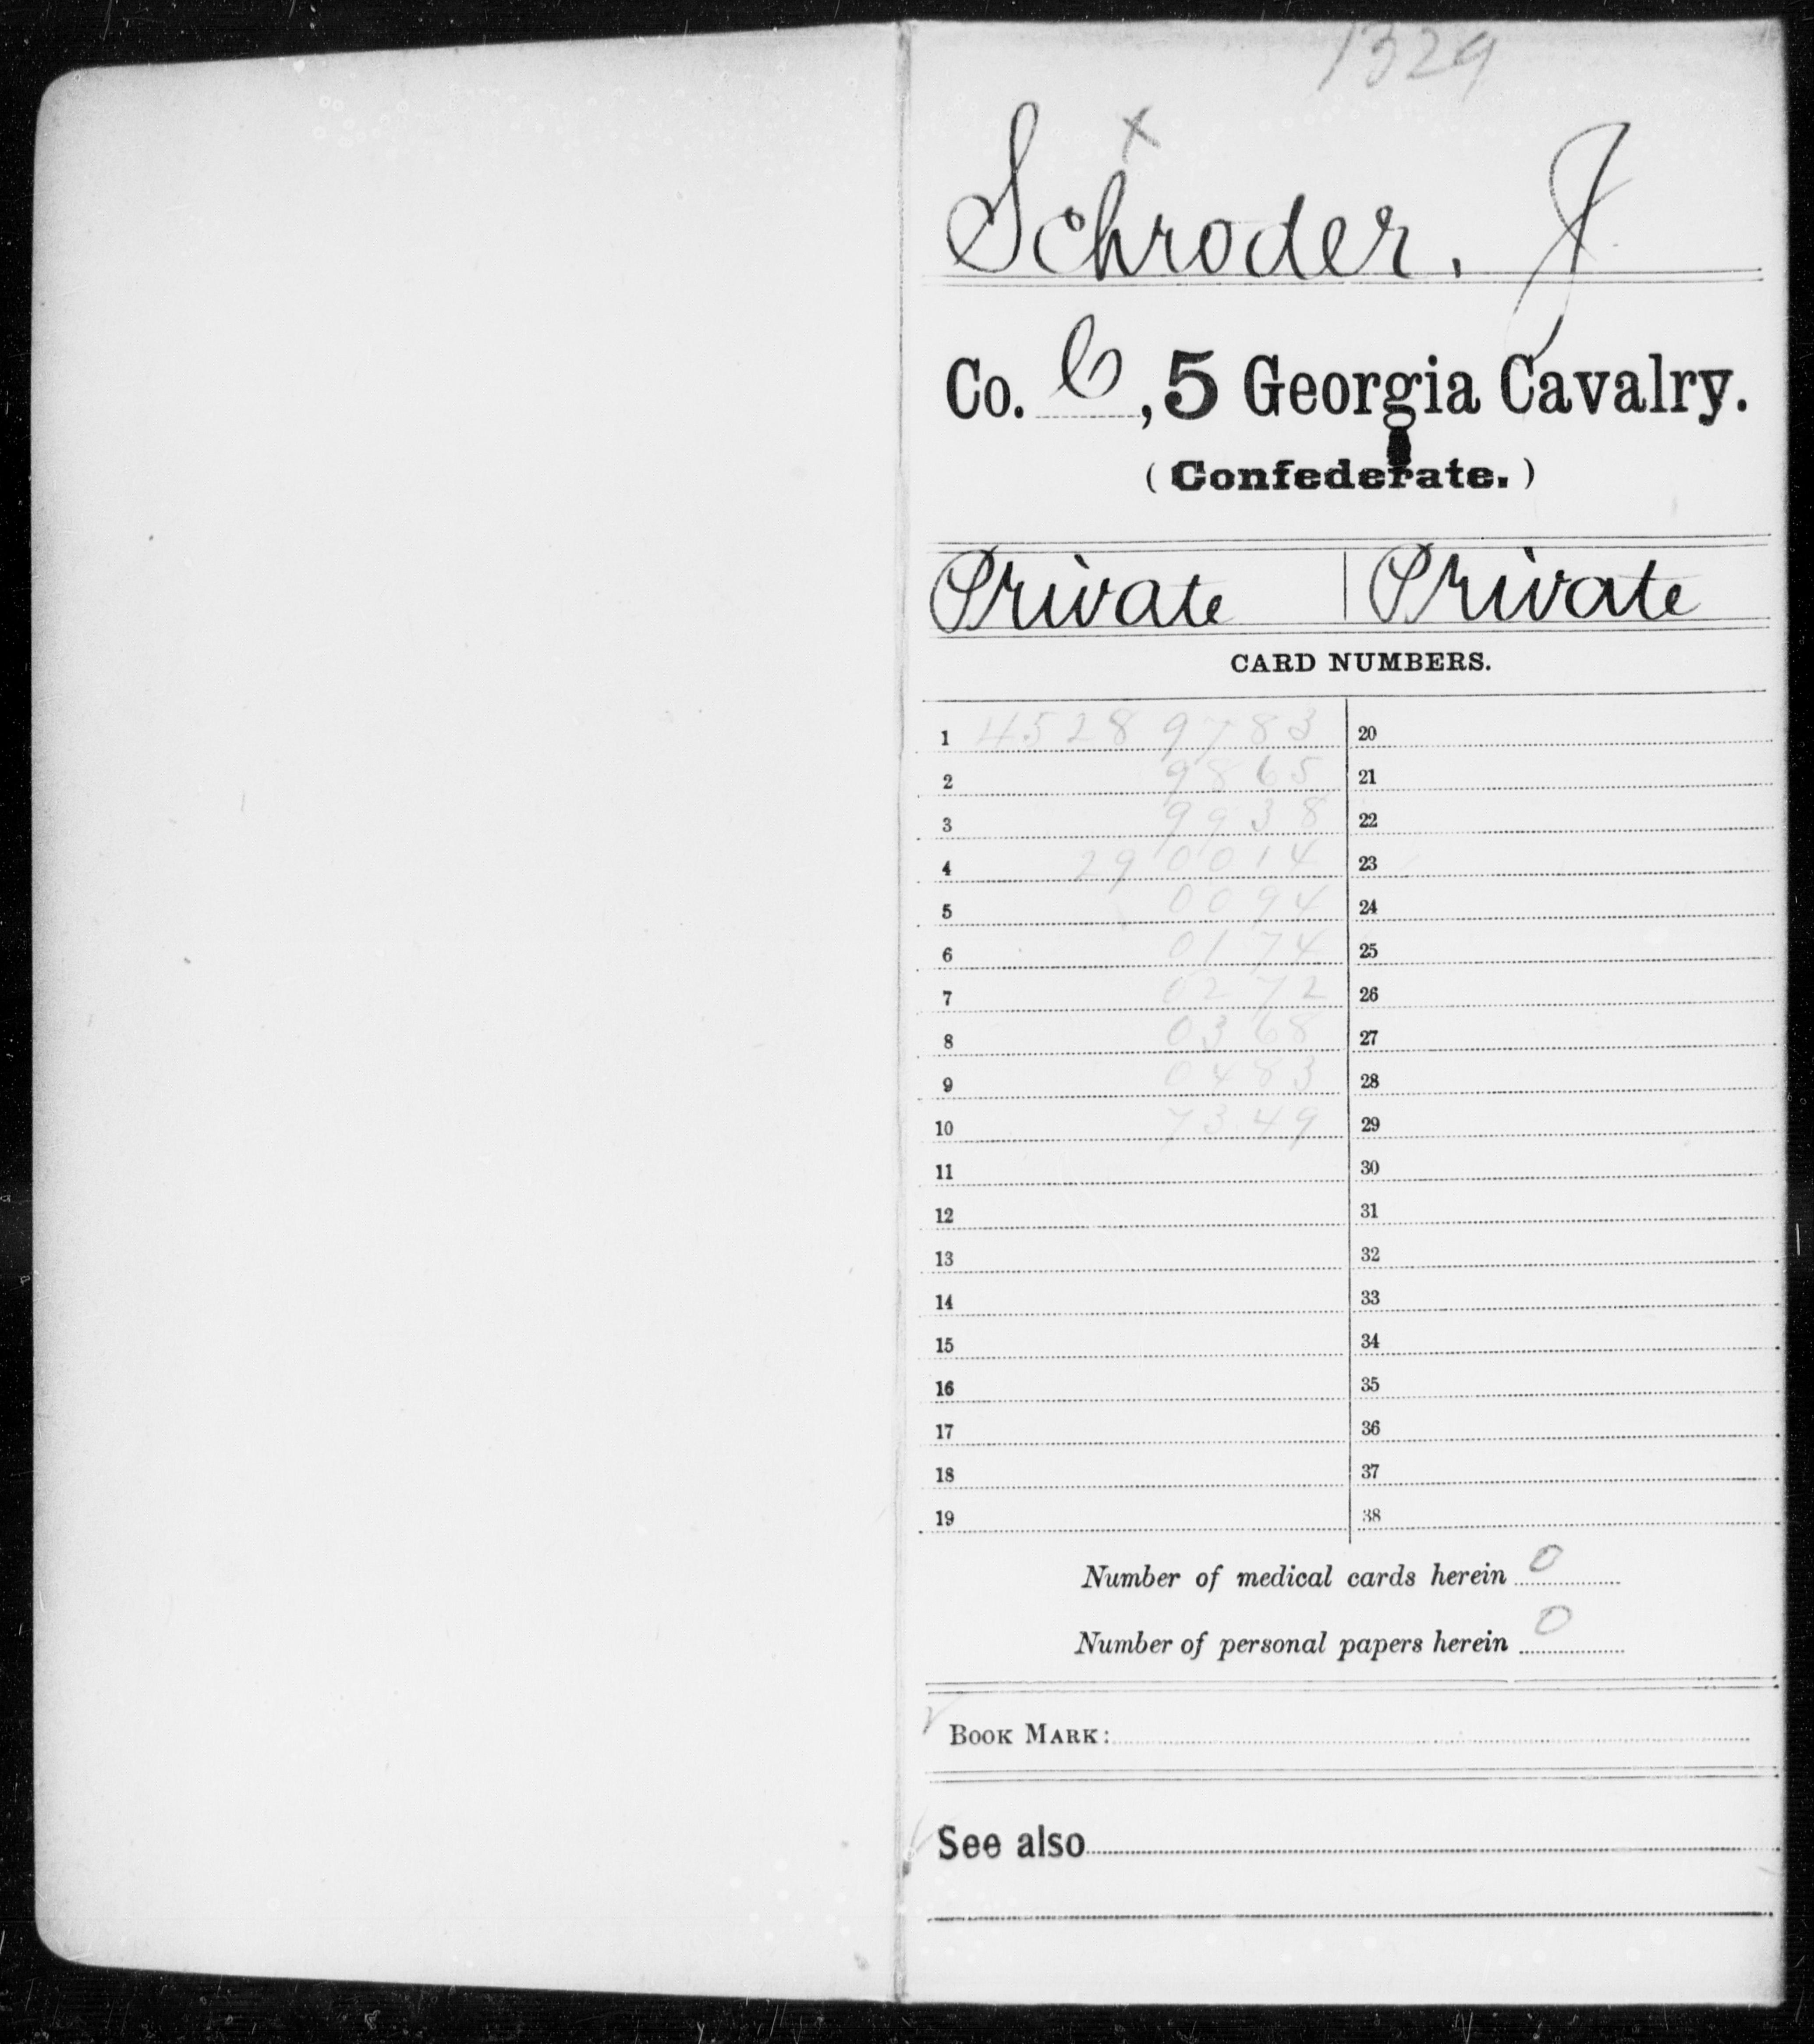 Schroder, J - 5th Cavalry